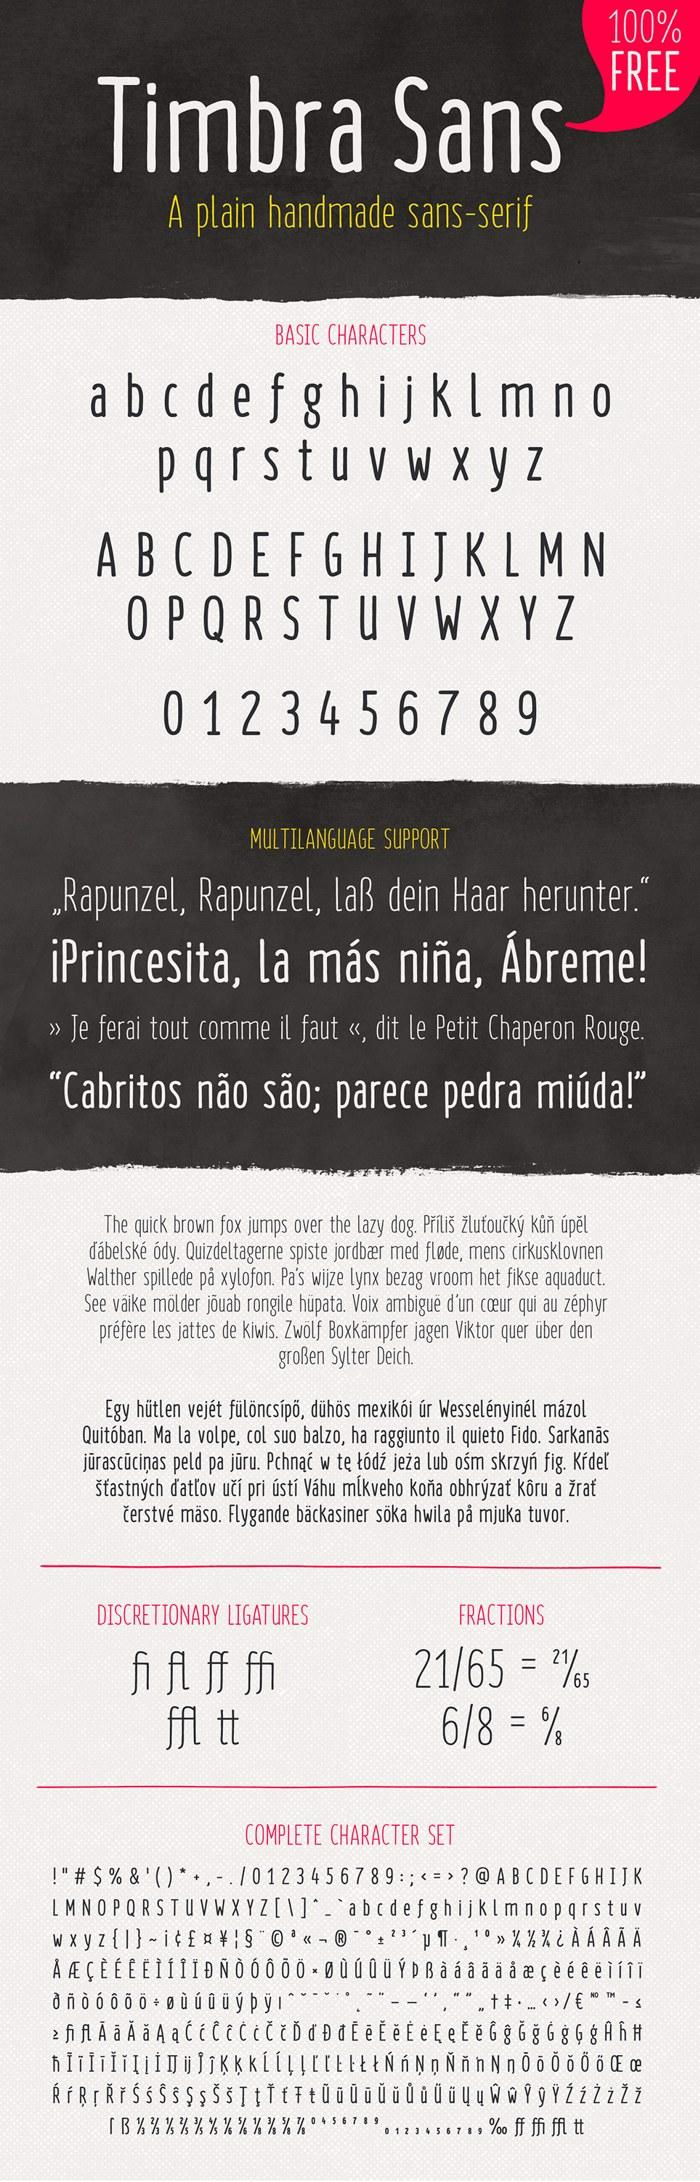 Timbra Sans Font poster